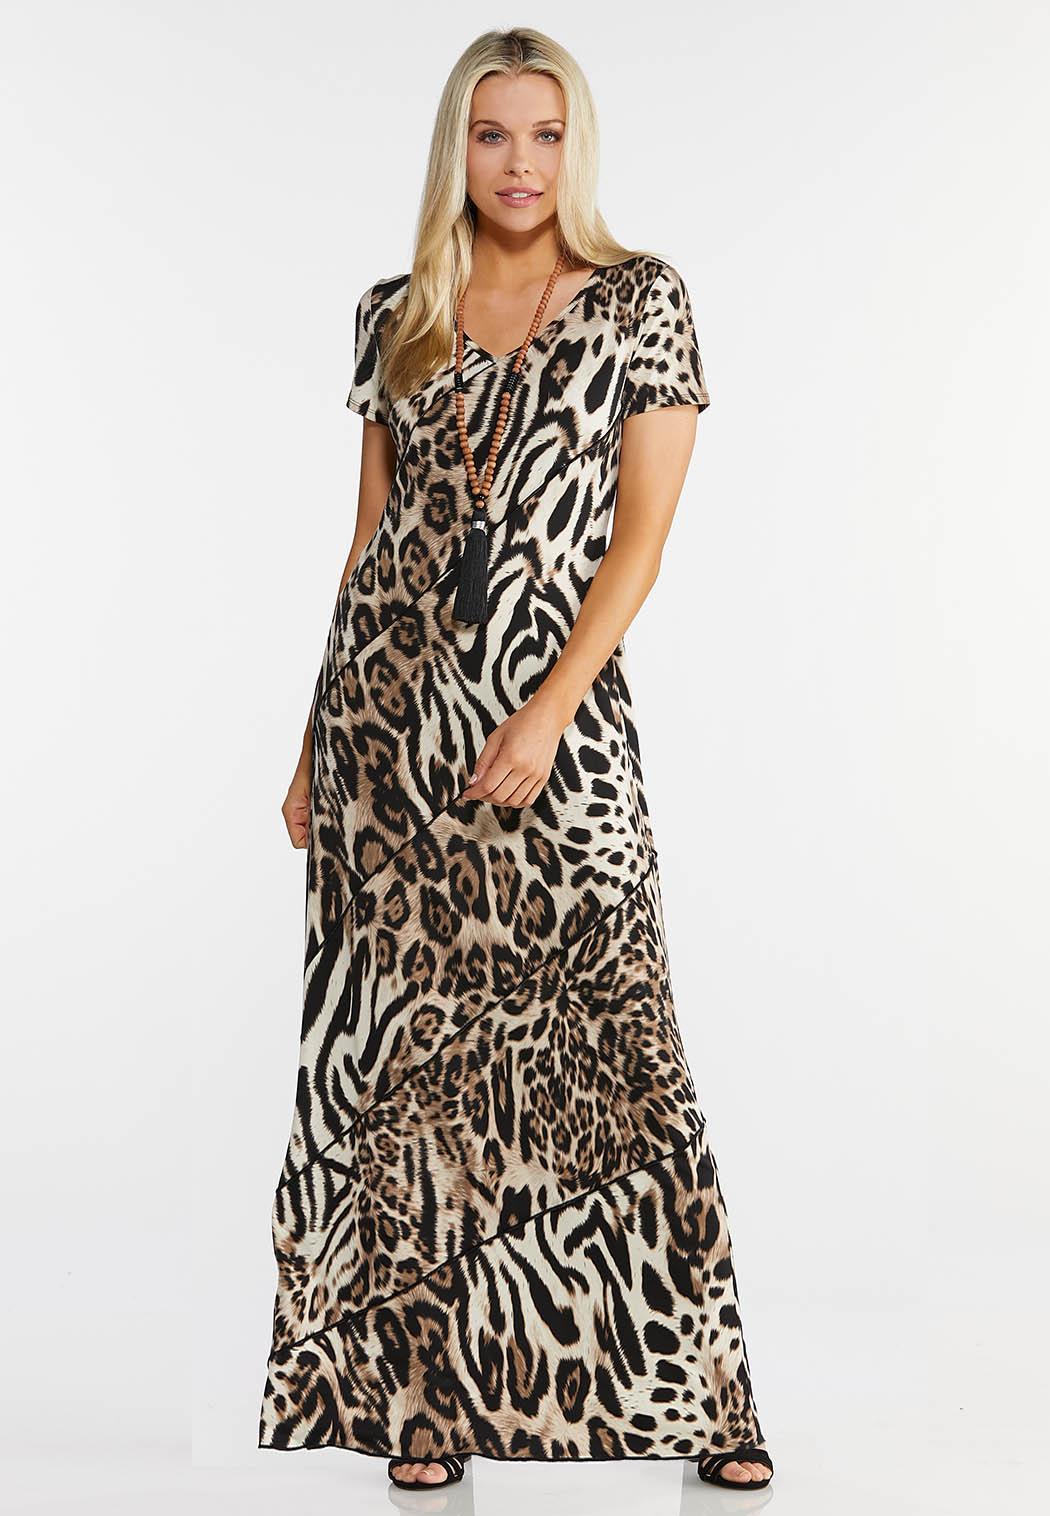 1e395e1a384 Women s Dresses sizes 2-28 - Spring Dresses